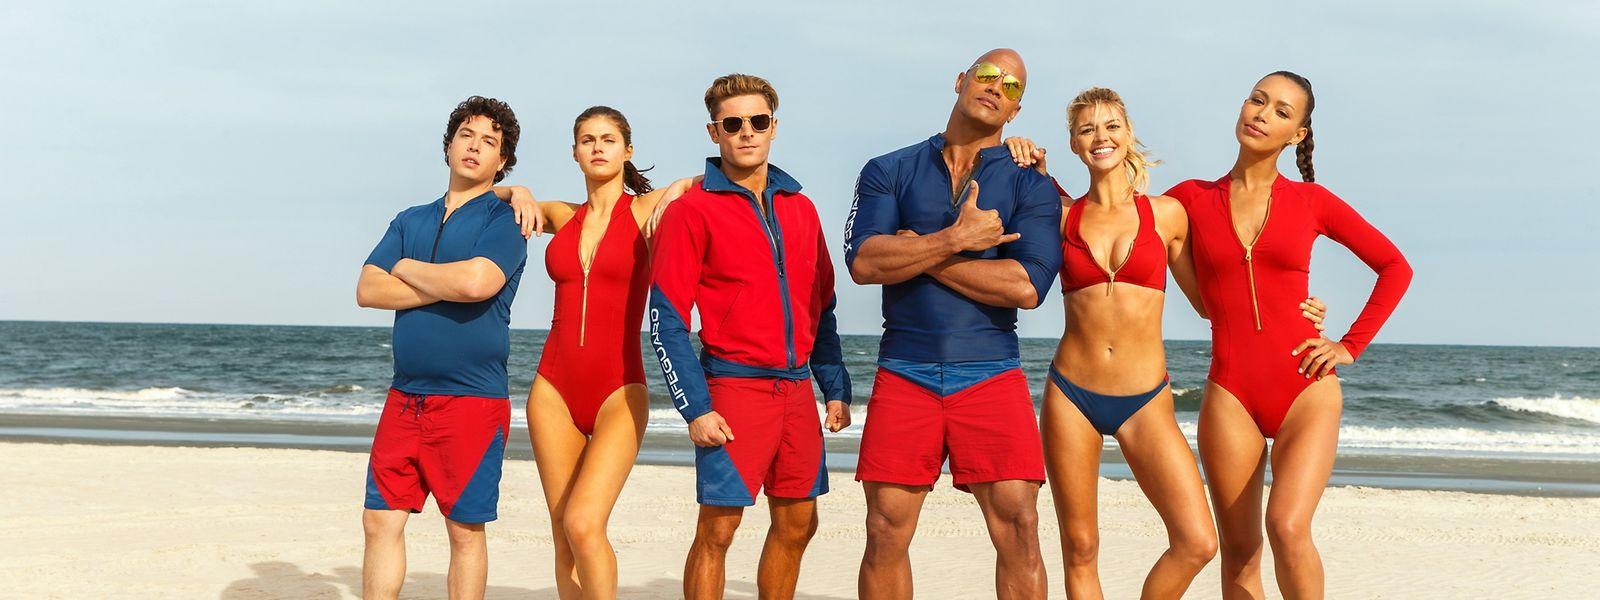 Baywatch: die größte Beachparty aller Zeiten.